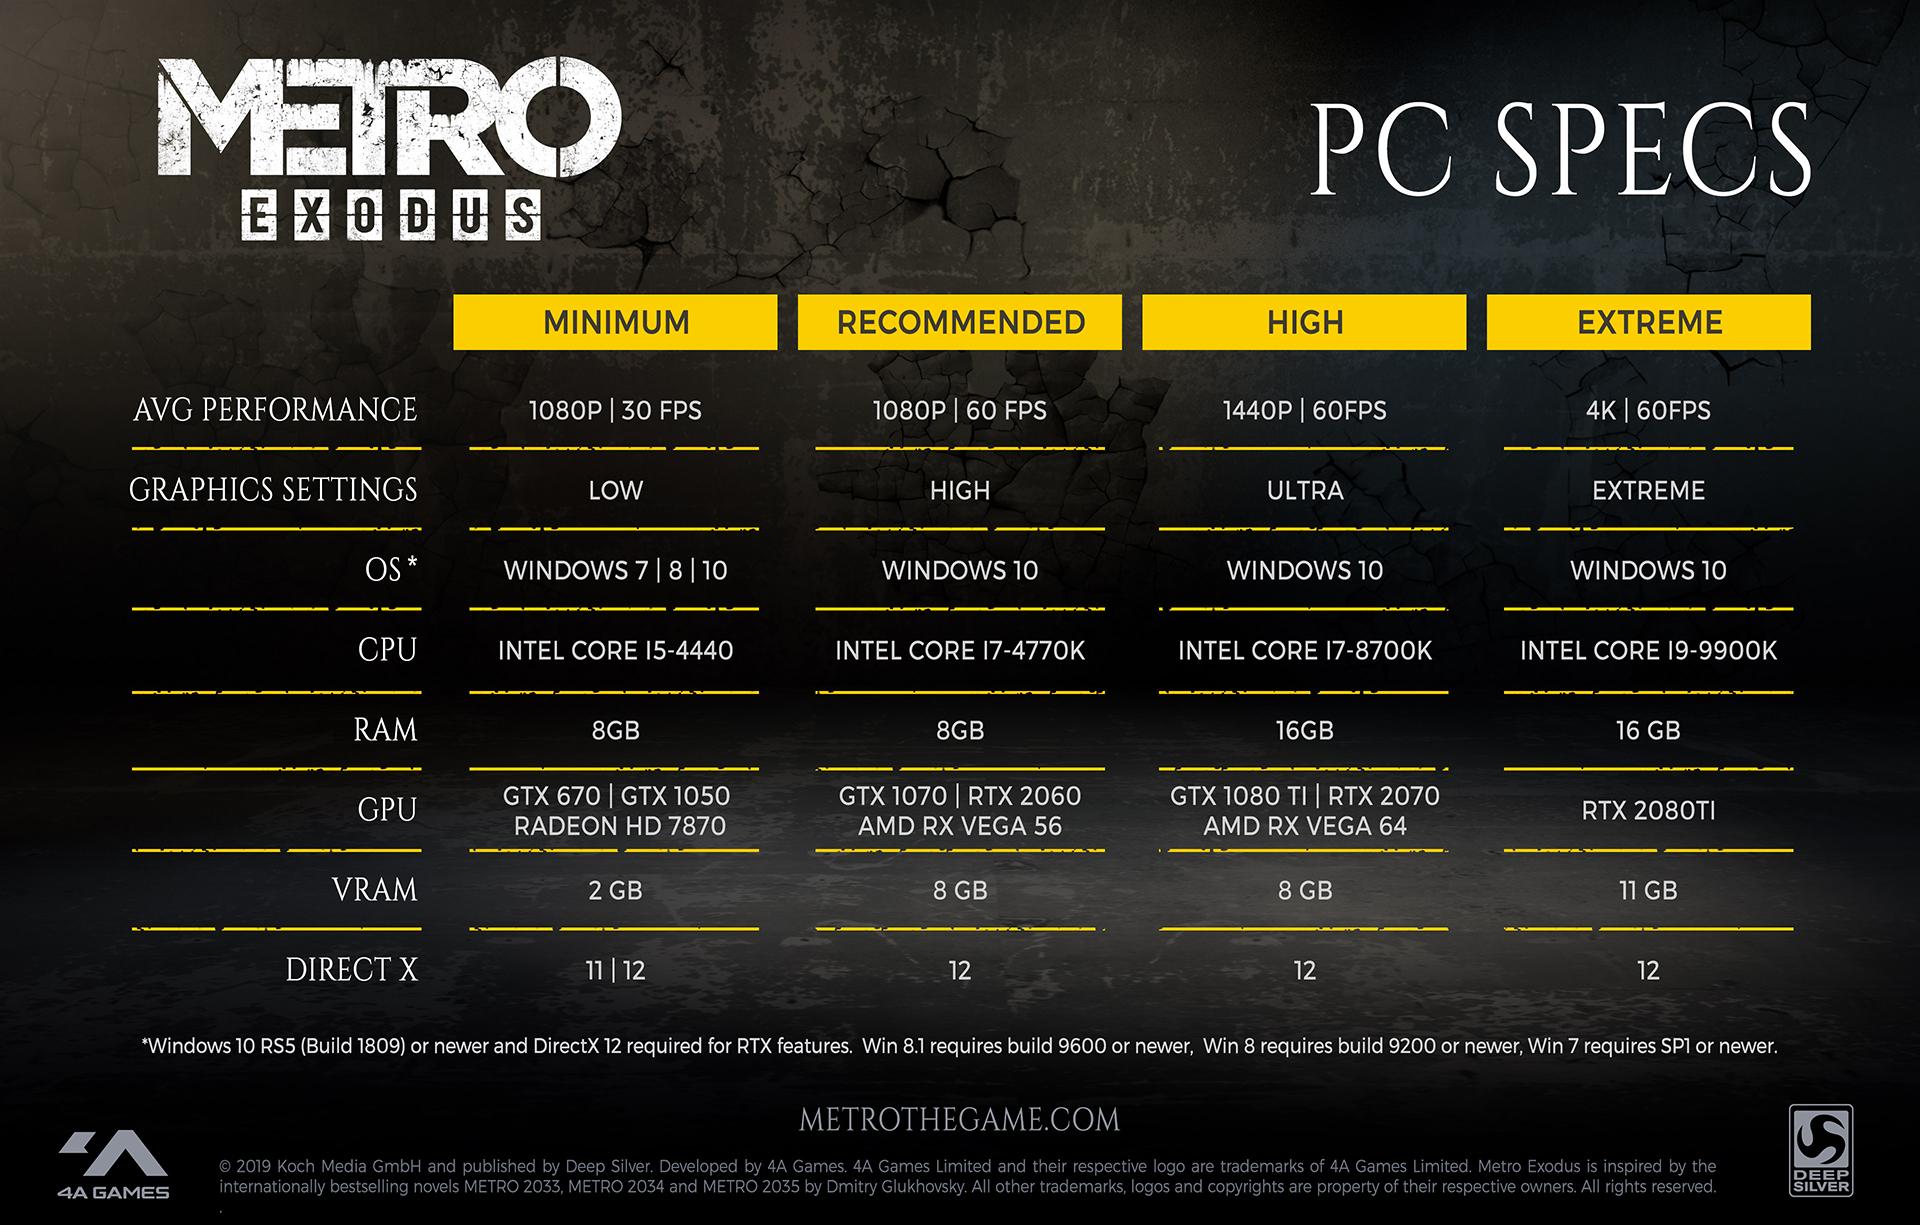 Metro Exodus PC specs